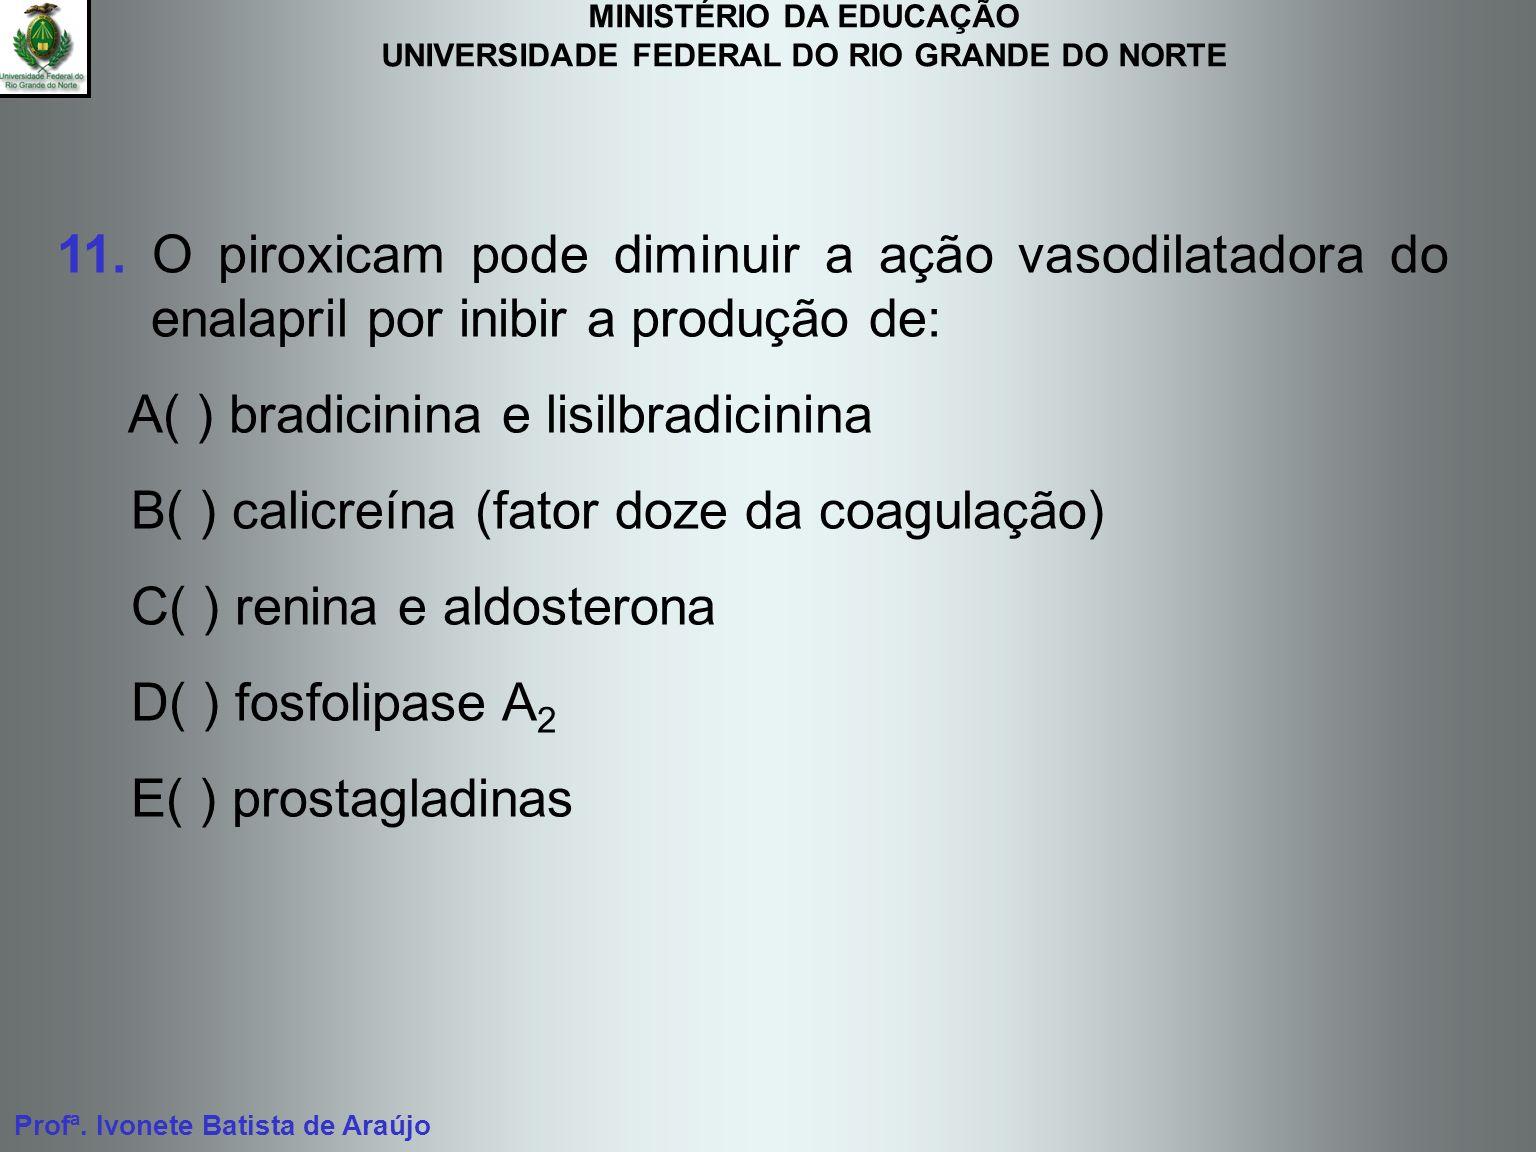 MINISTÉRIO DA EDUCAÇÃO UNIVERSIDADE FEDERAL DO RIO GRANDE DO NORTE Profª. Ivonete Batista de Araújo 11. O piroxicam pode diminuir a ação vasodilatador